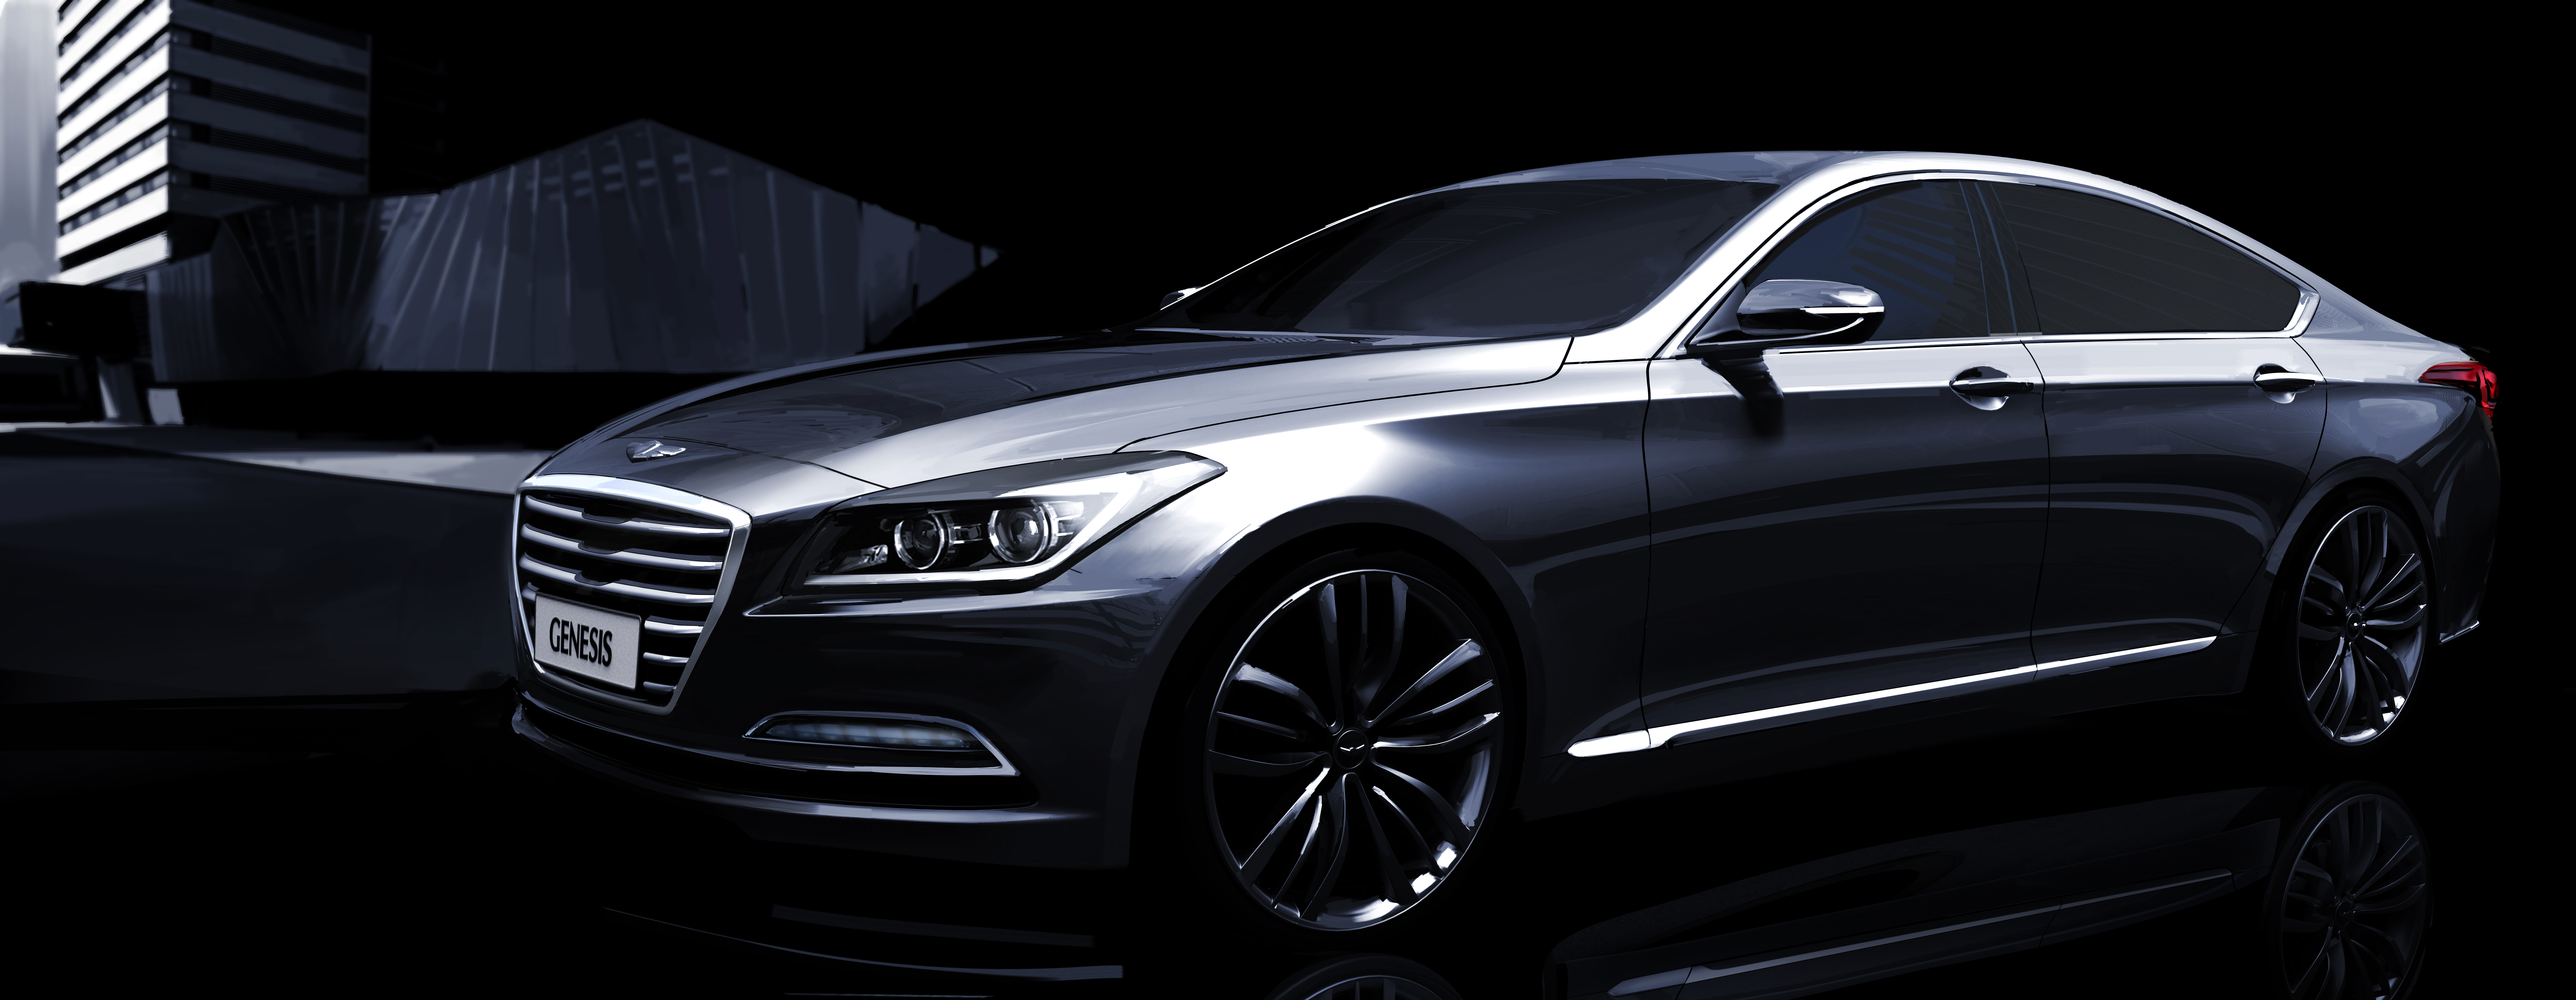 سعودي شفت » شركات السيارات » هيونداي » هيونداي تكشف رسمياً عن تفاصيل الجيل الجديد من جينيسيس